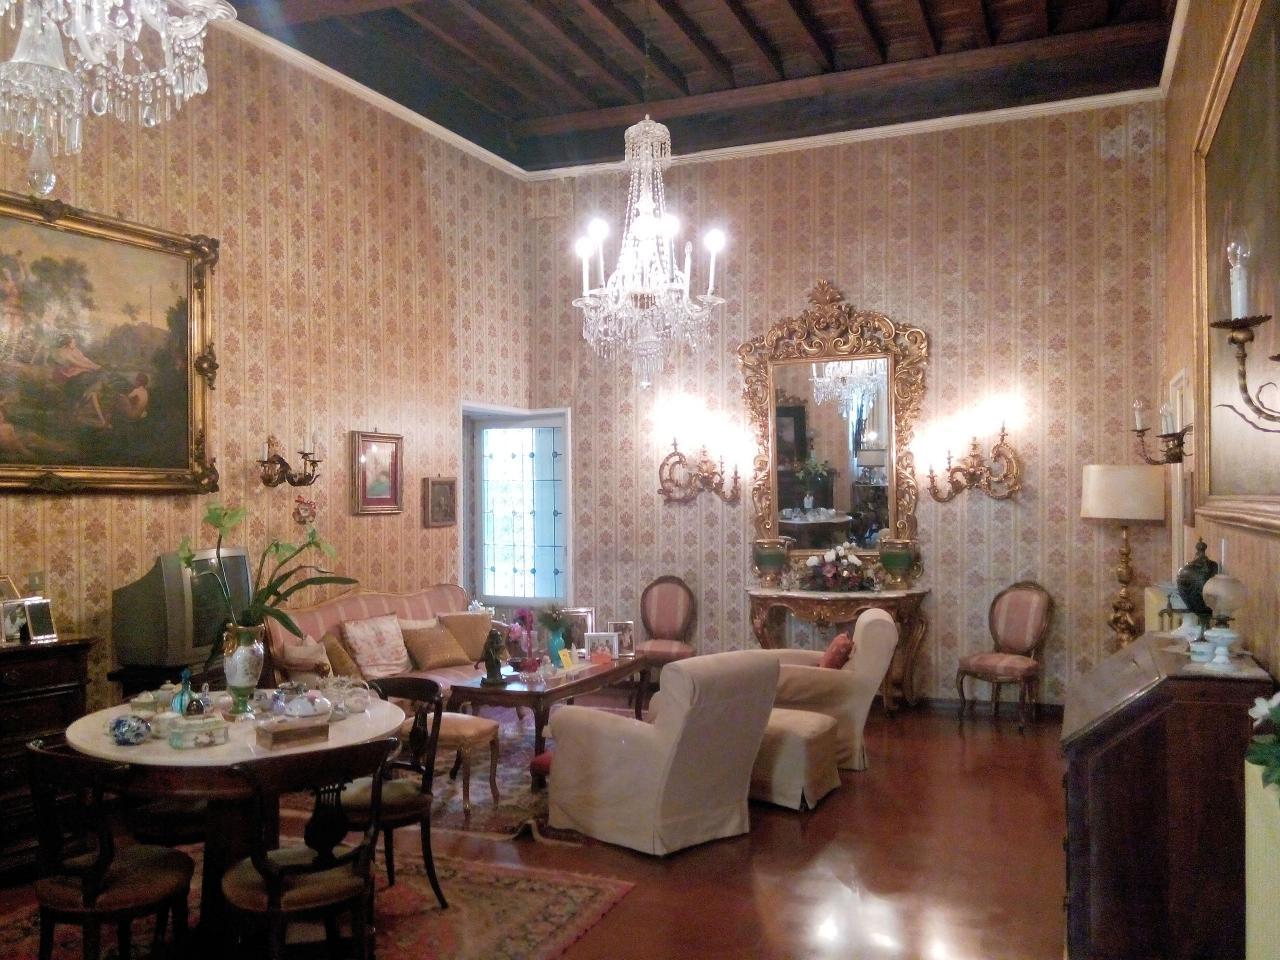 Appartamento in vendita a Lucca, 6 locali, zona Località: Centrostorico, prezzo € 490.000 | CambioCasa.it